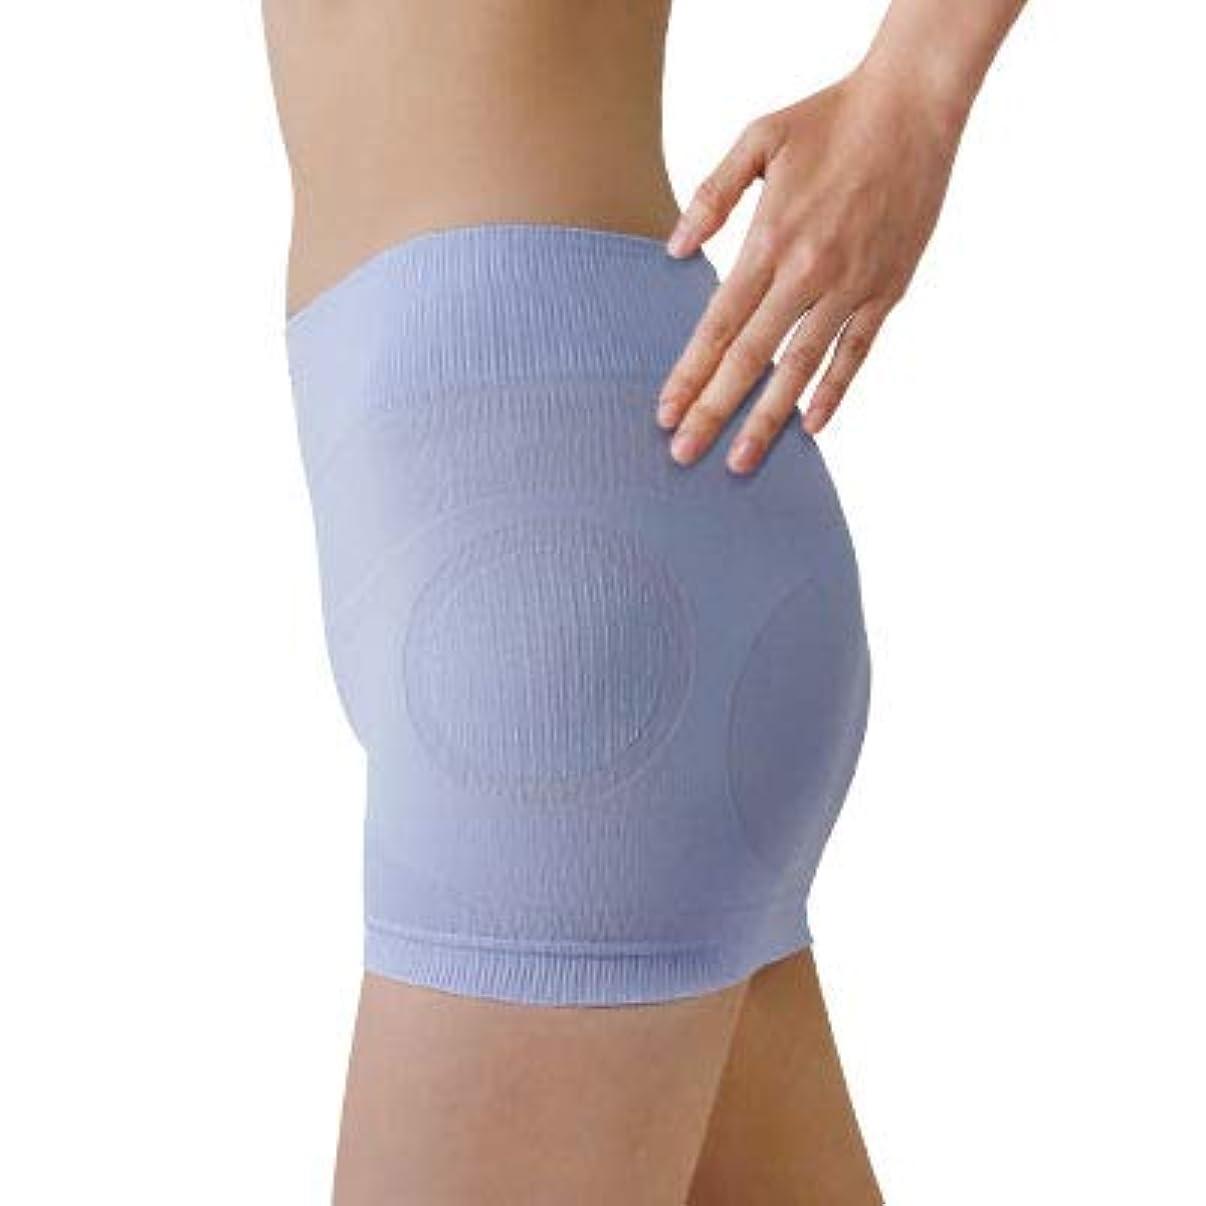 役立つ運命的な動脈寝ながら股関節サポータープラス (M-L)